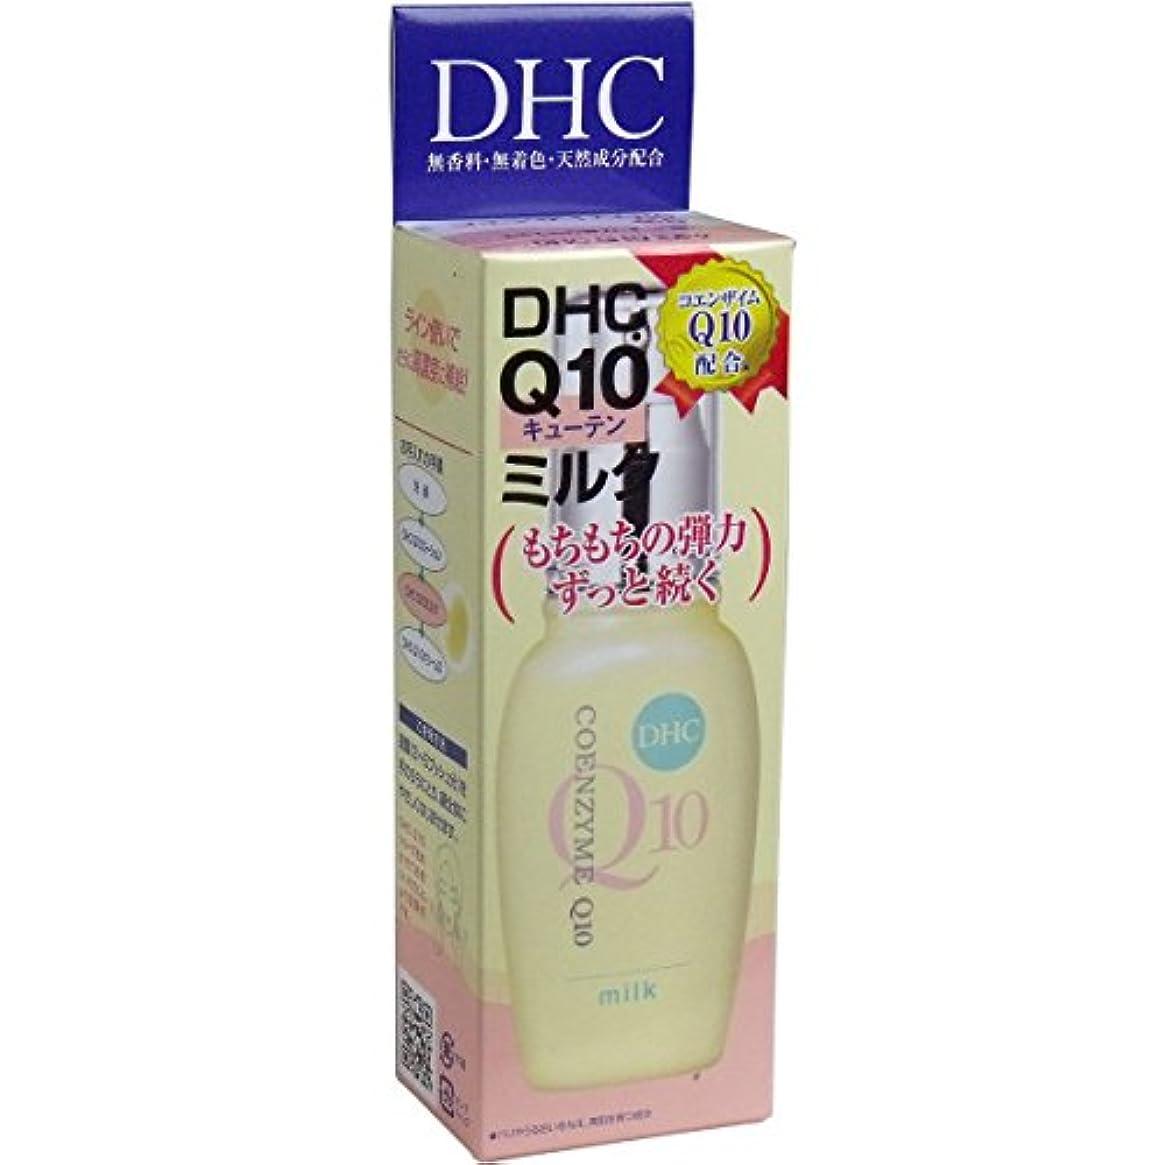 漂流特別にうっかり【DHC】DHC Q10ミルク(SS) 40ml ×5個セット